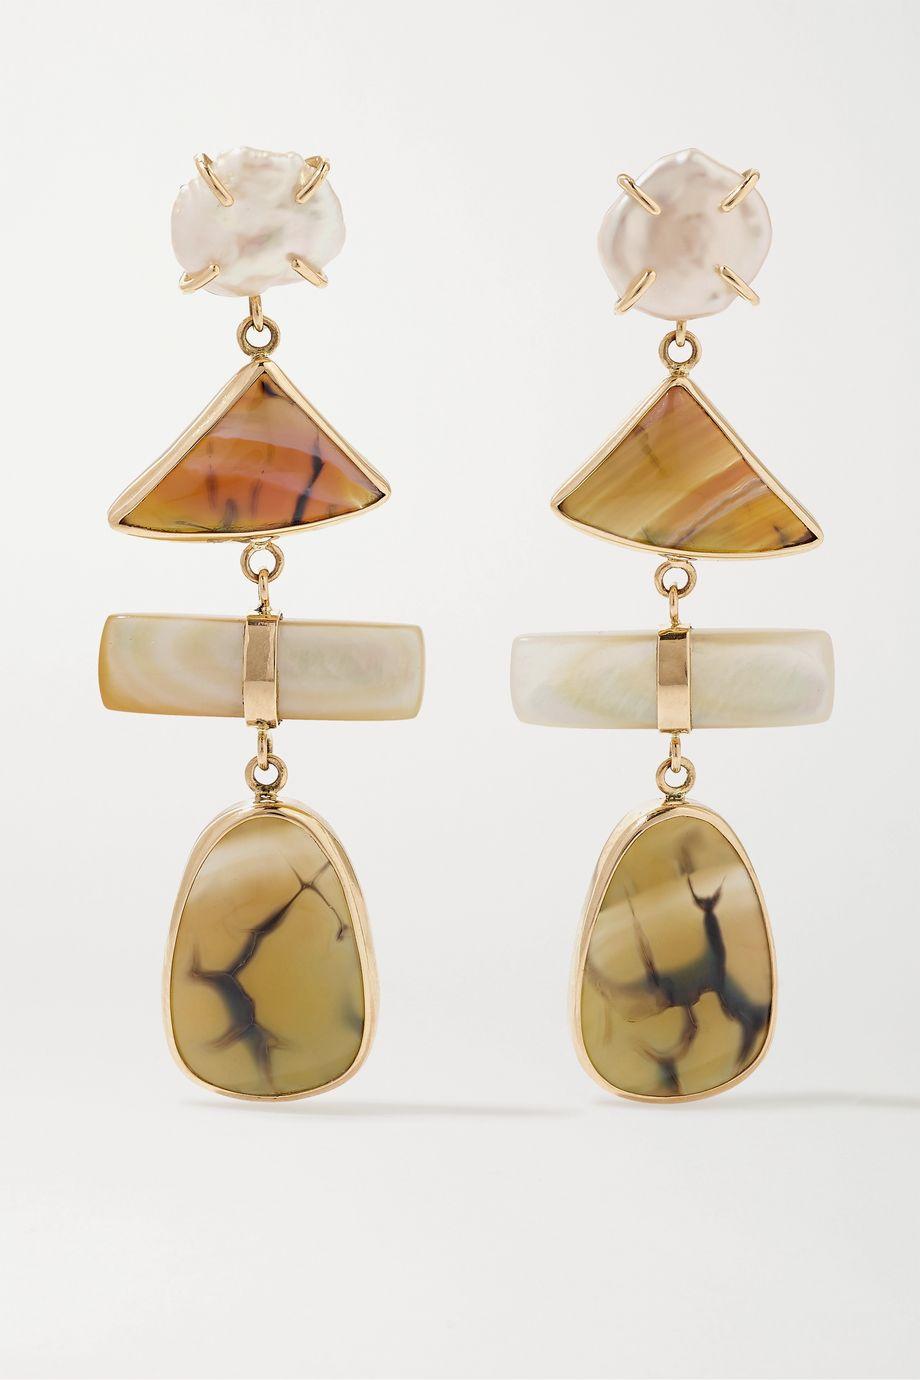 Melissa Joy Manning + NET SUSTAIN Ohrringe aus 14 Karat Gold mit mehreren Steinen